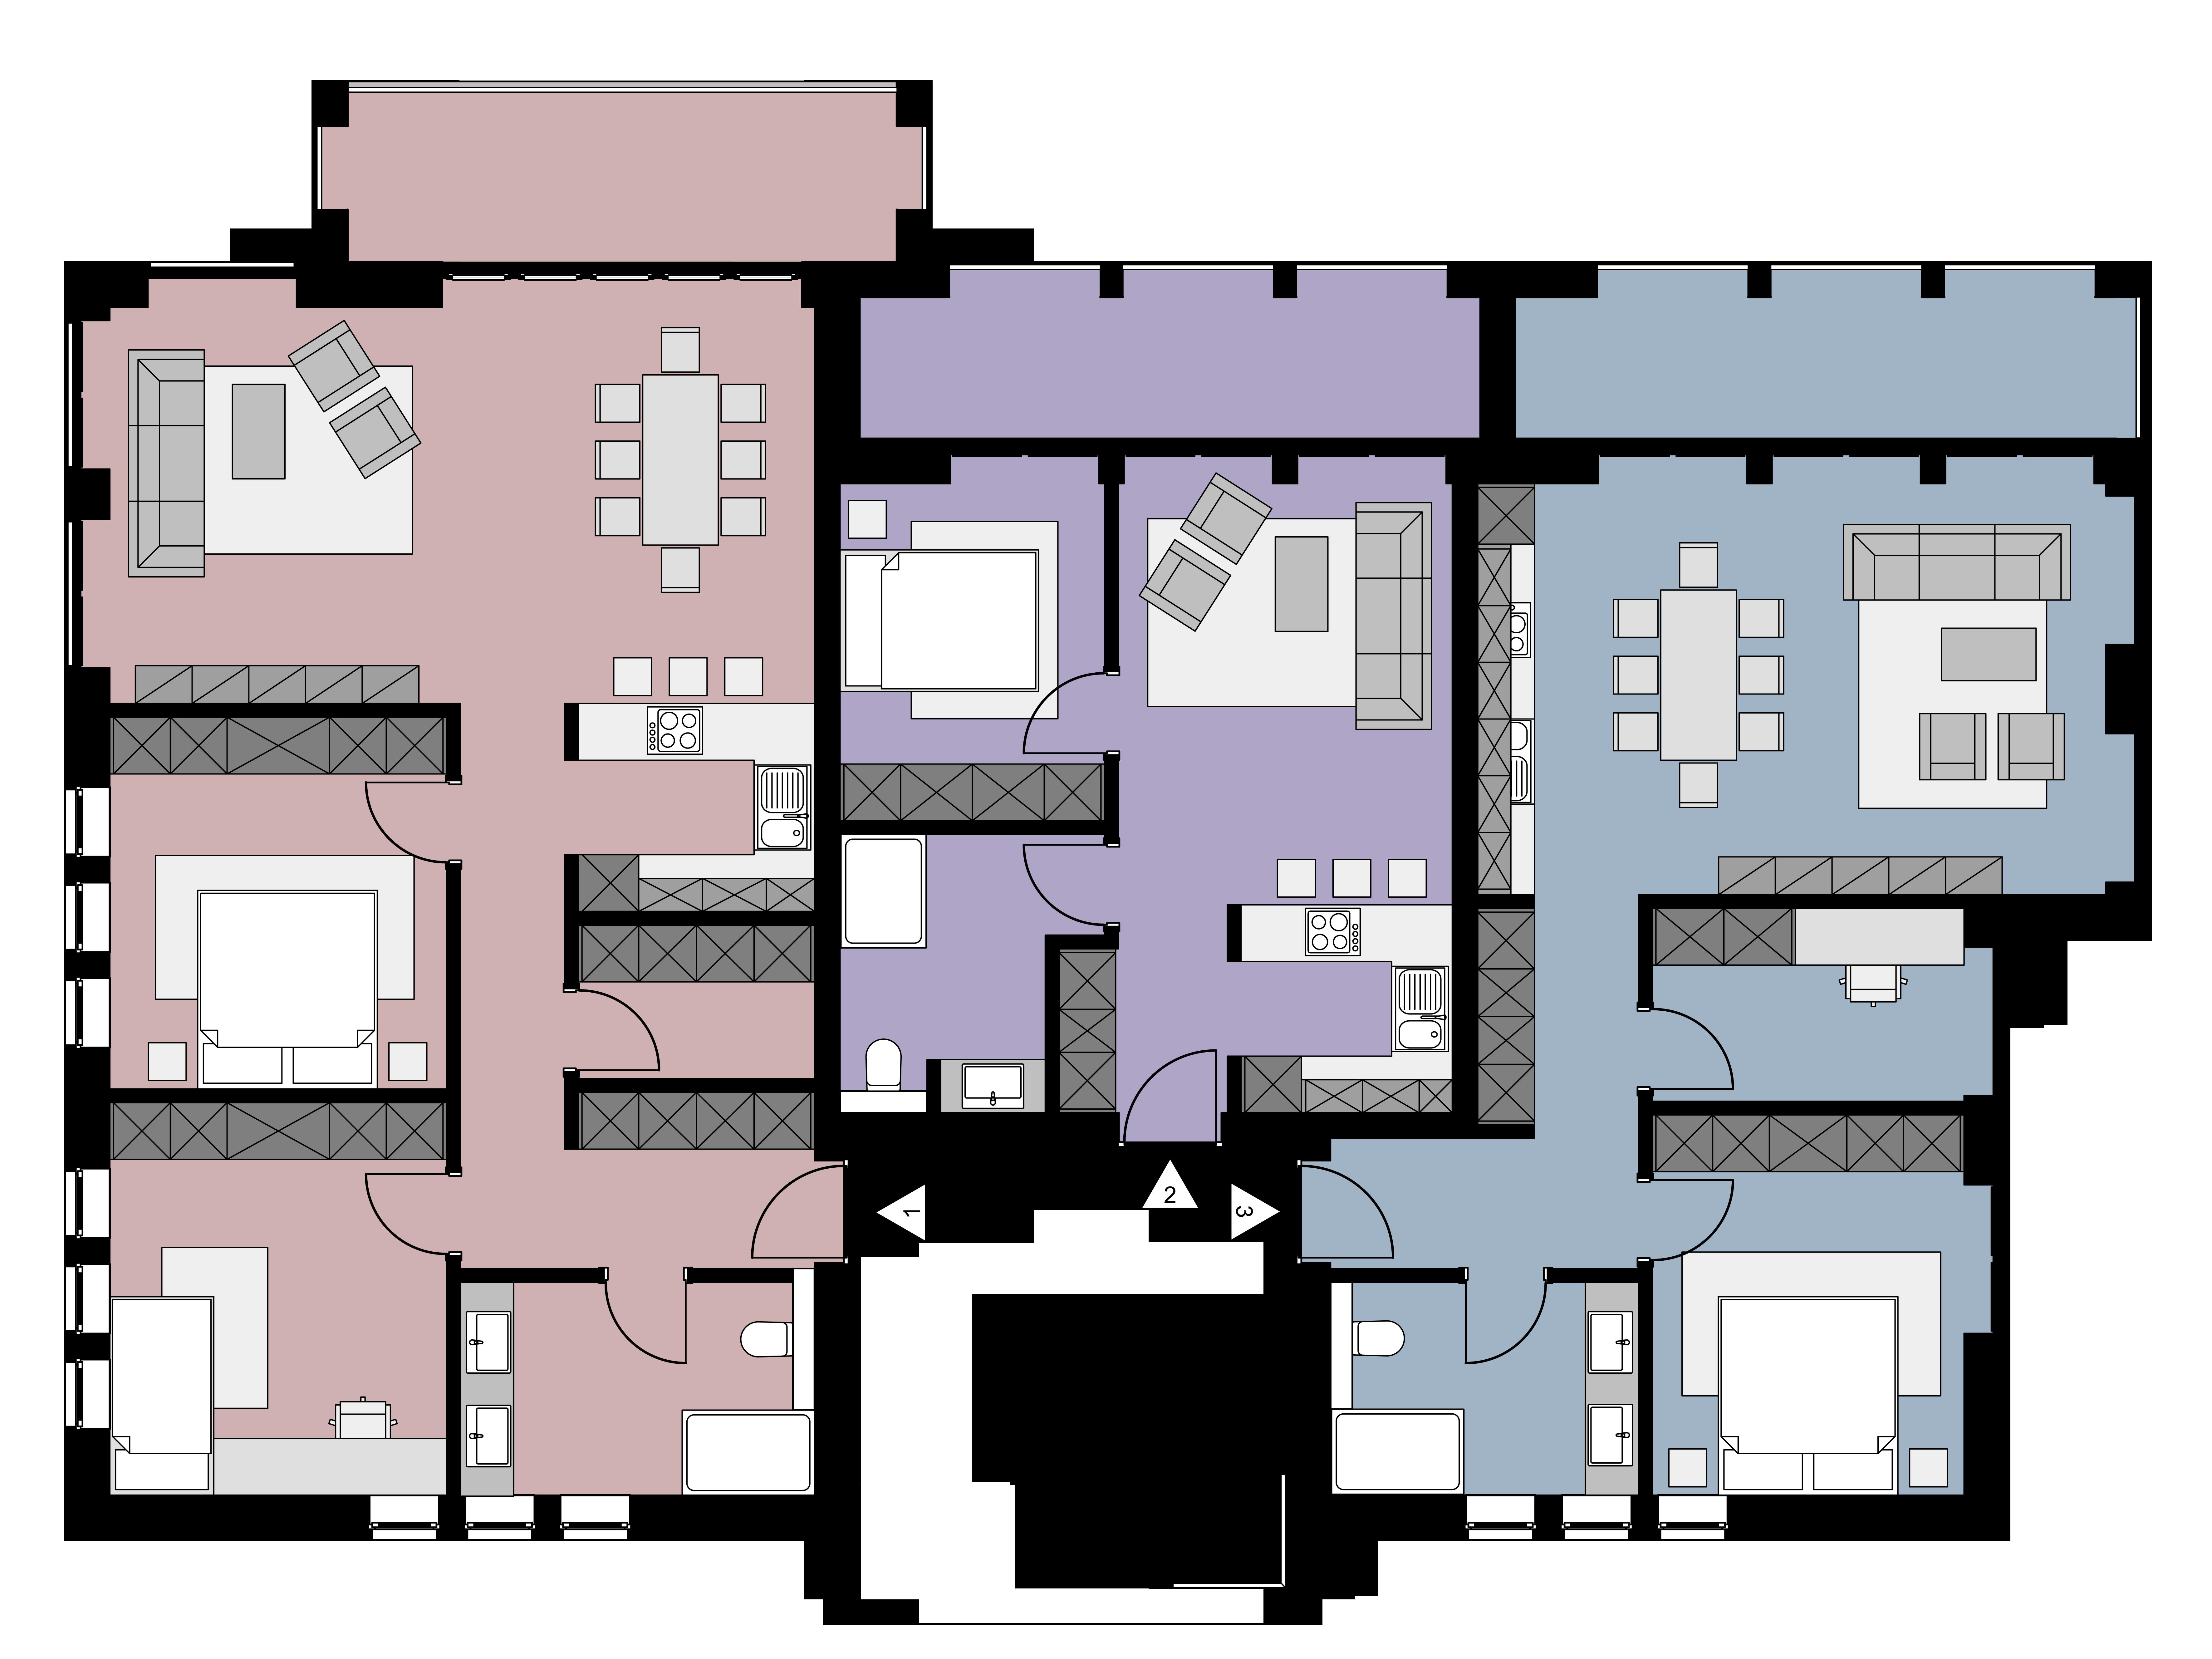 Erdgeschoss - Wohnungen 1 - 3